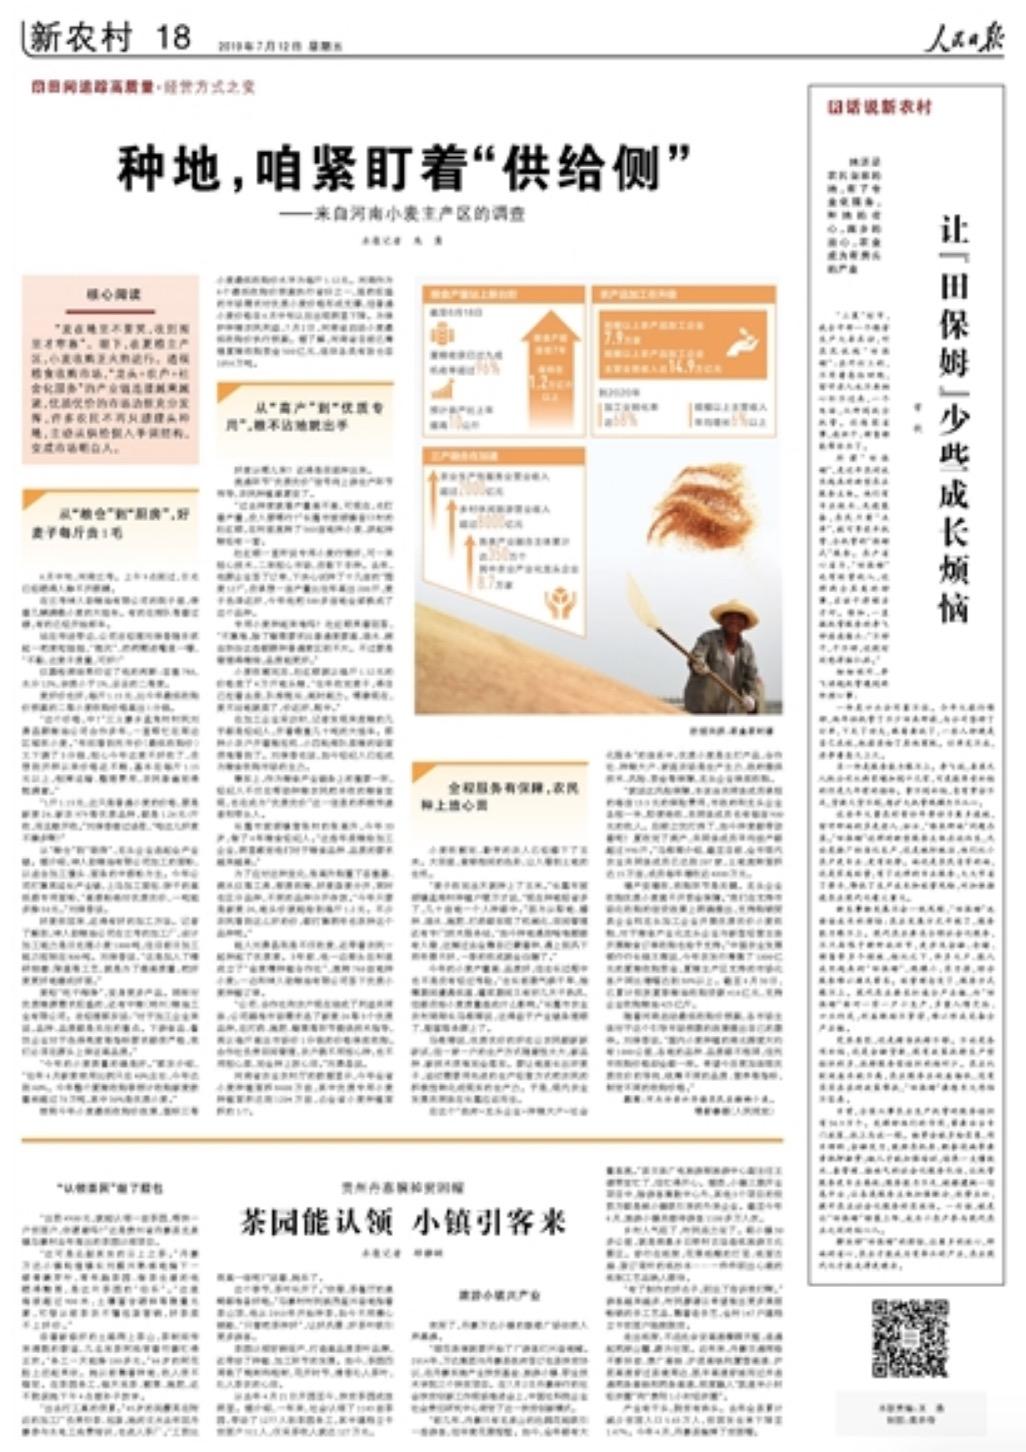 【人民网】贵州丹寨摘掉贫困帽 茶园能认领 小镇引客来